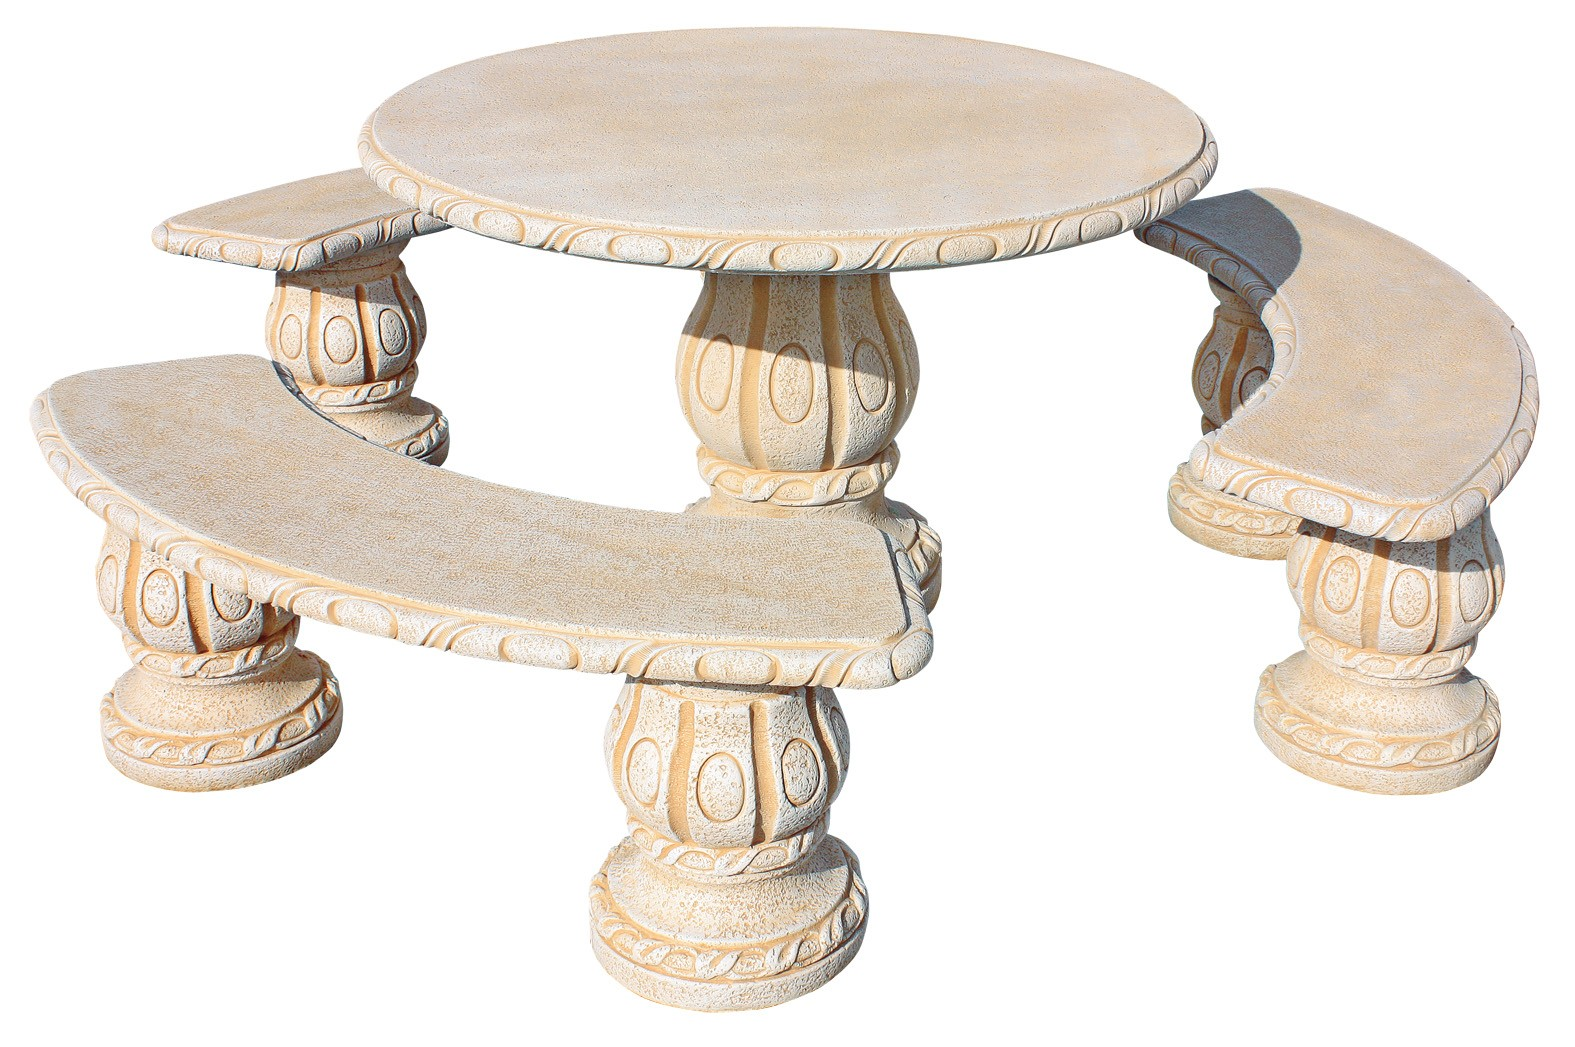 Mesas de jardin de piedra piedra serrada para mesa en jardn mesas y bancos de piedra artesanal - Mesas de piedra ...